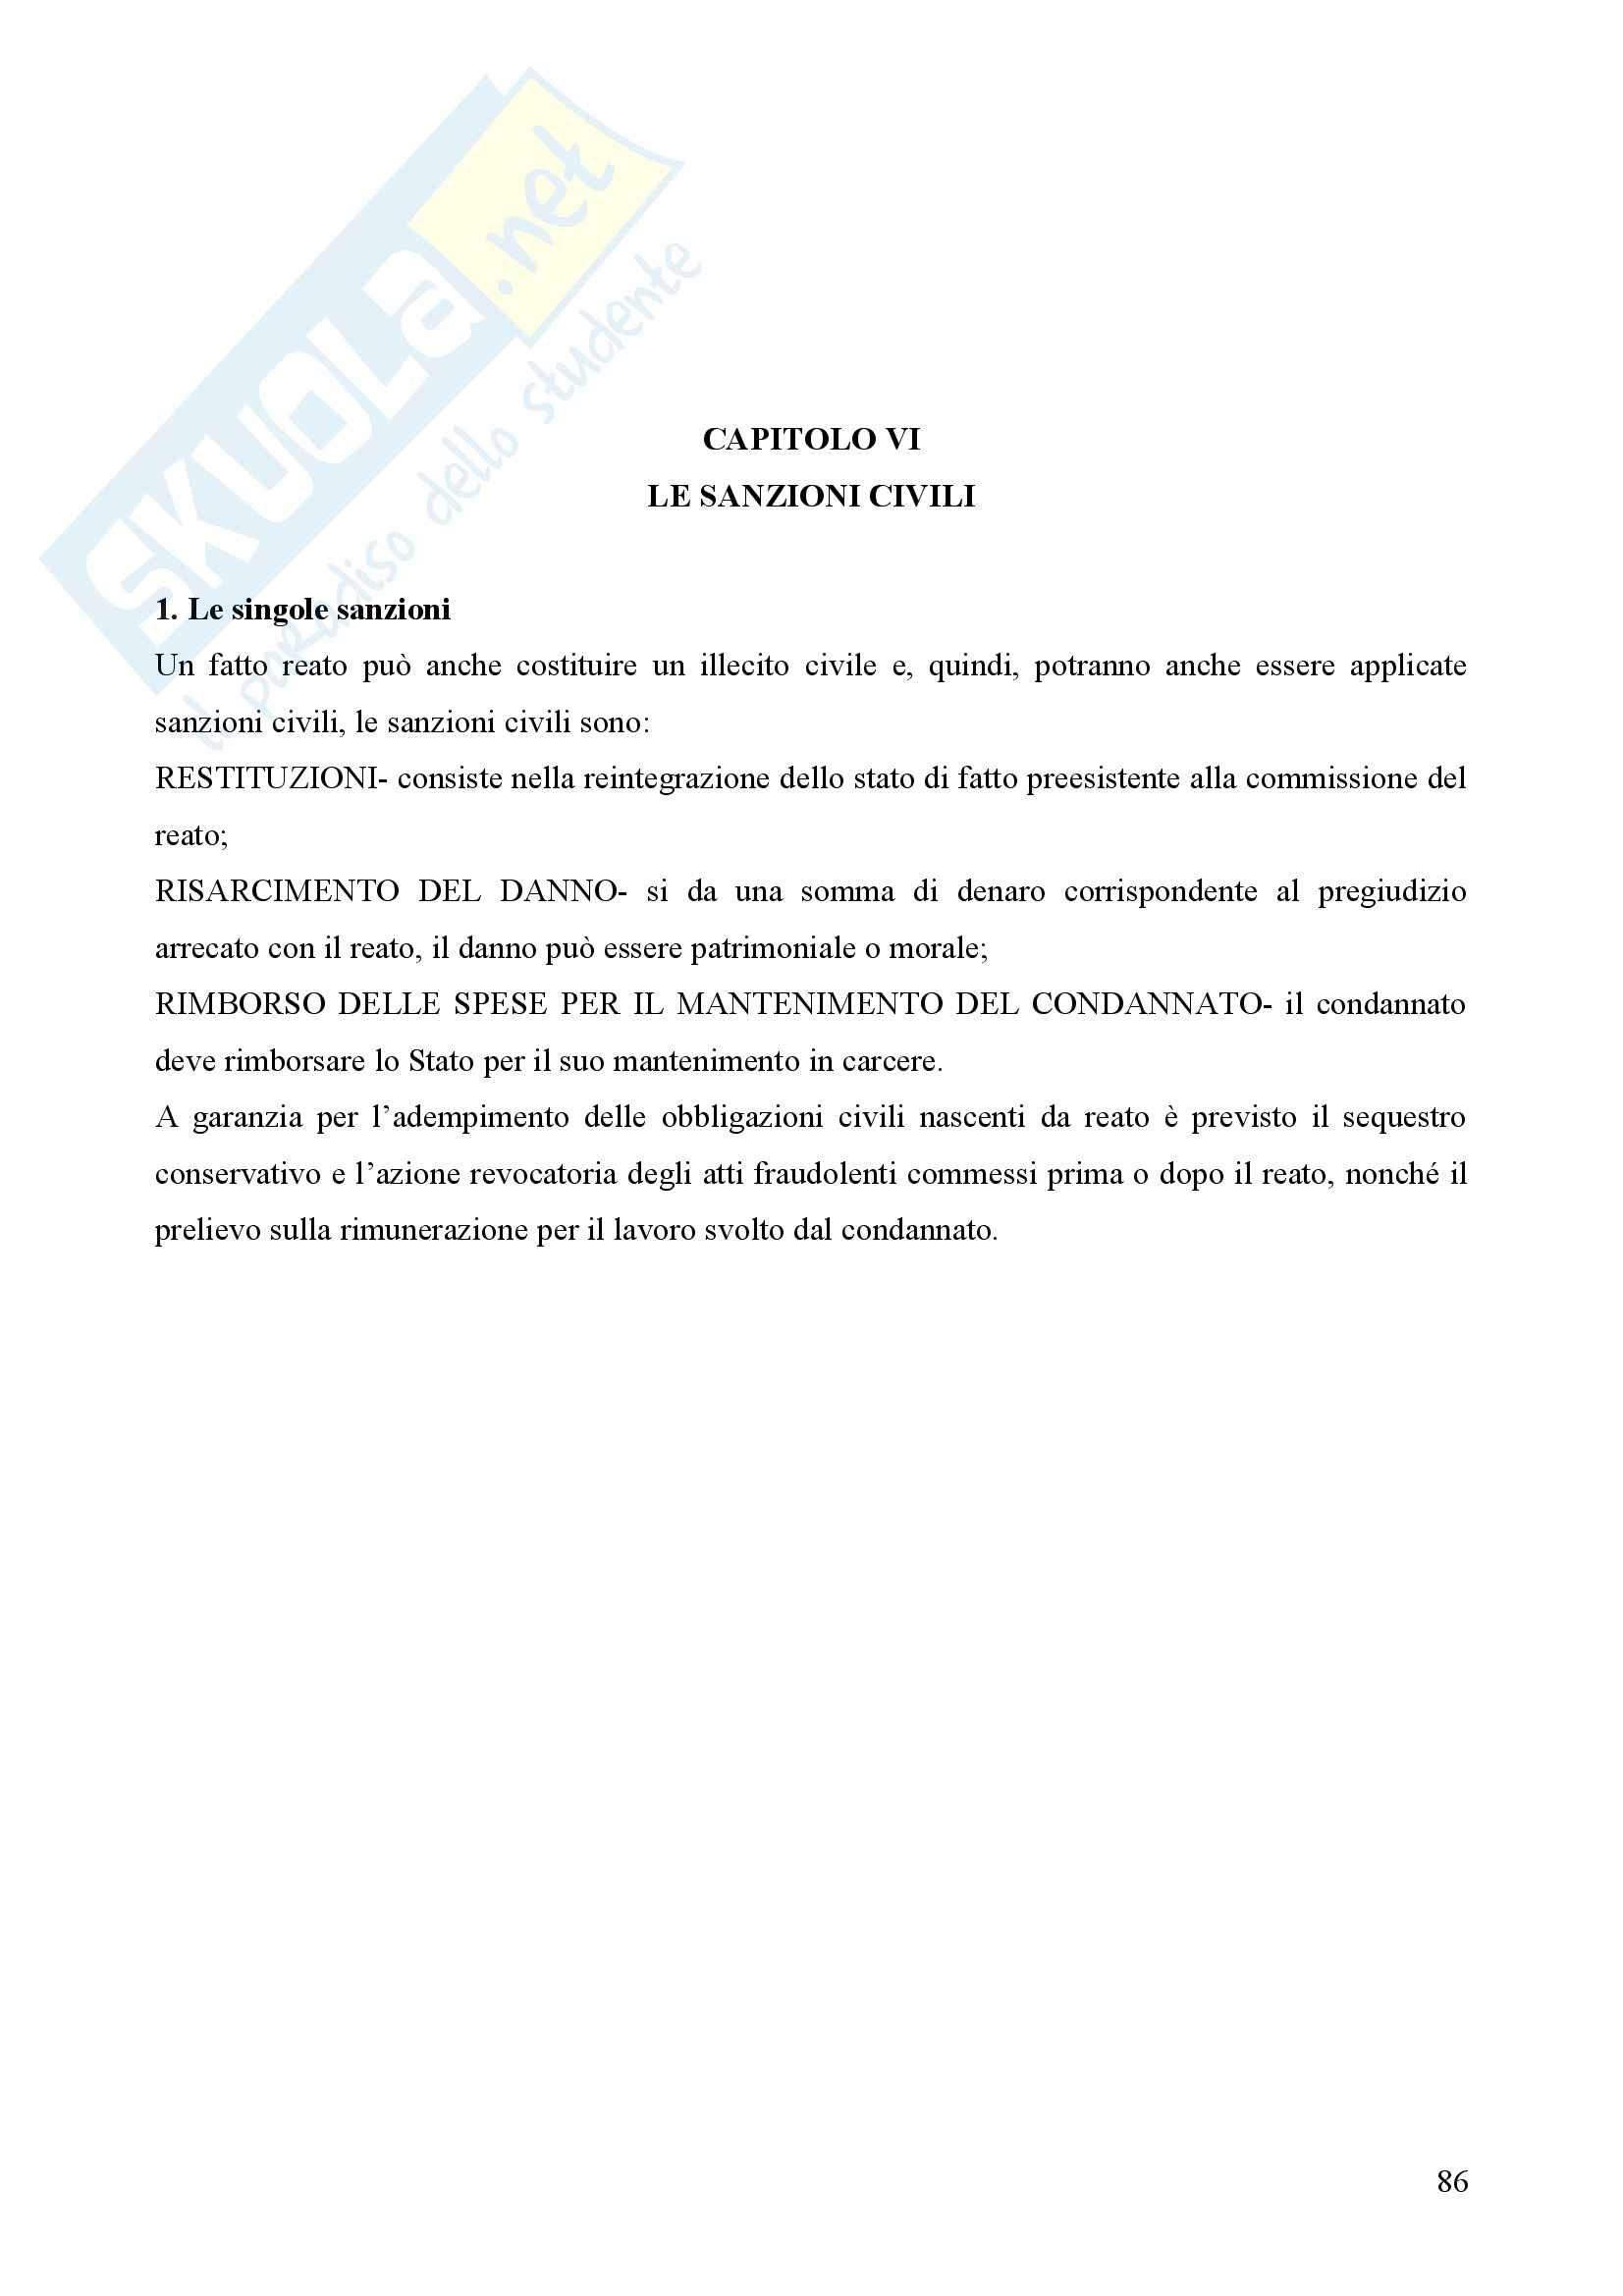 Diritto penale - Appunti Pag. 86